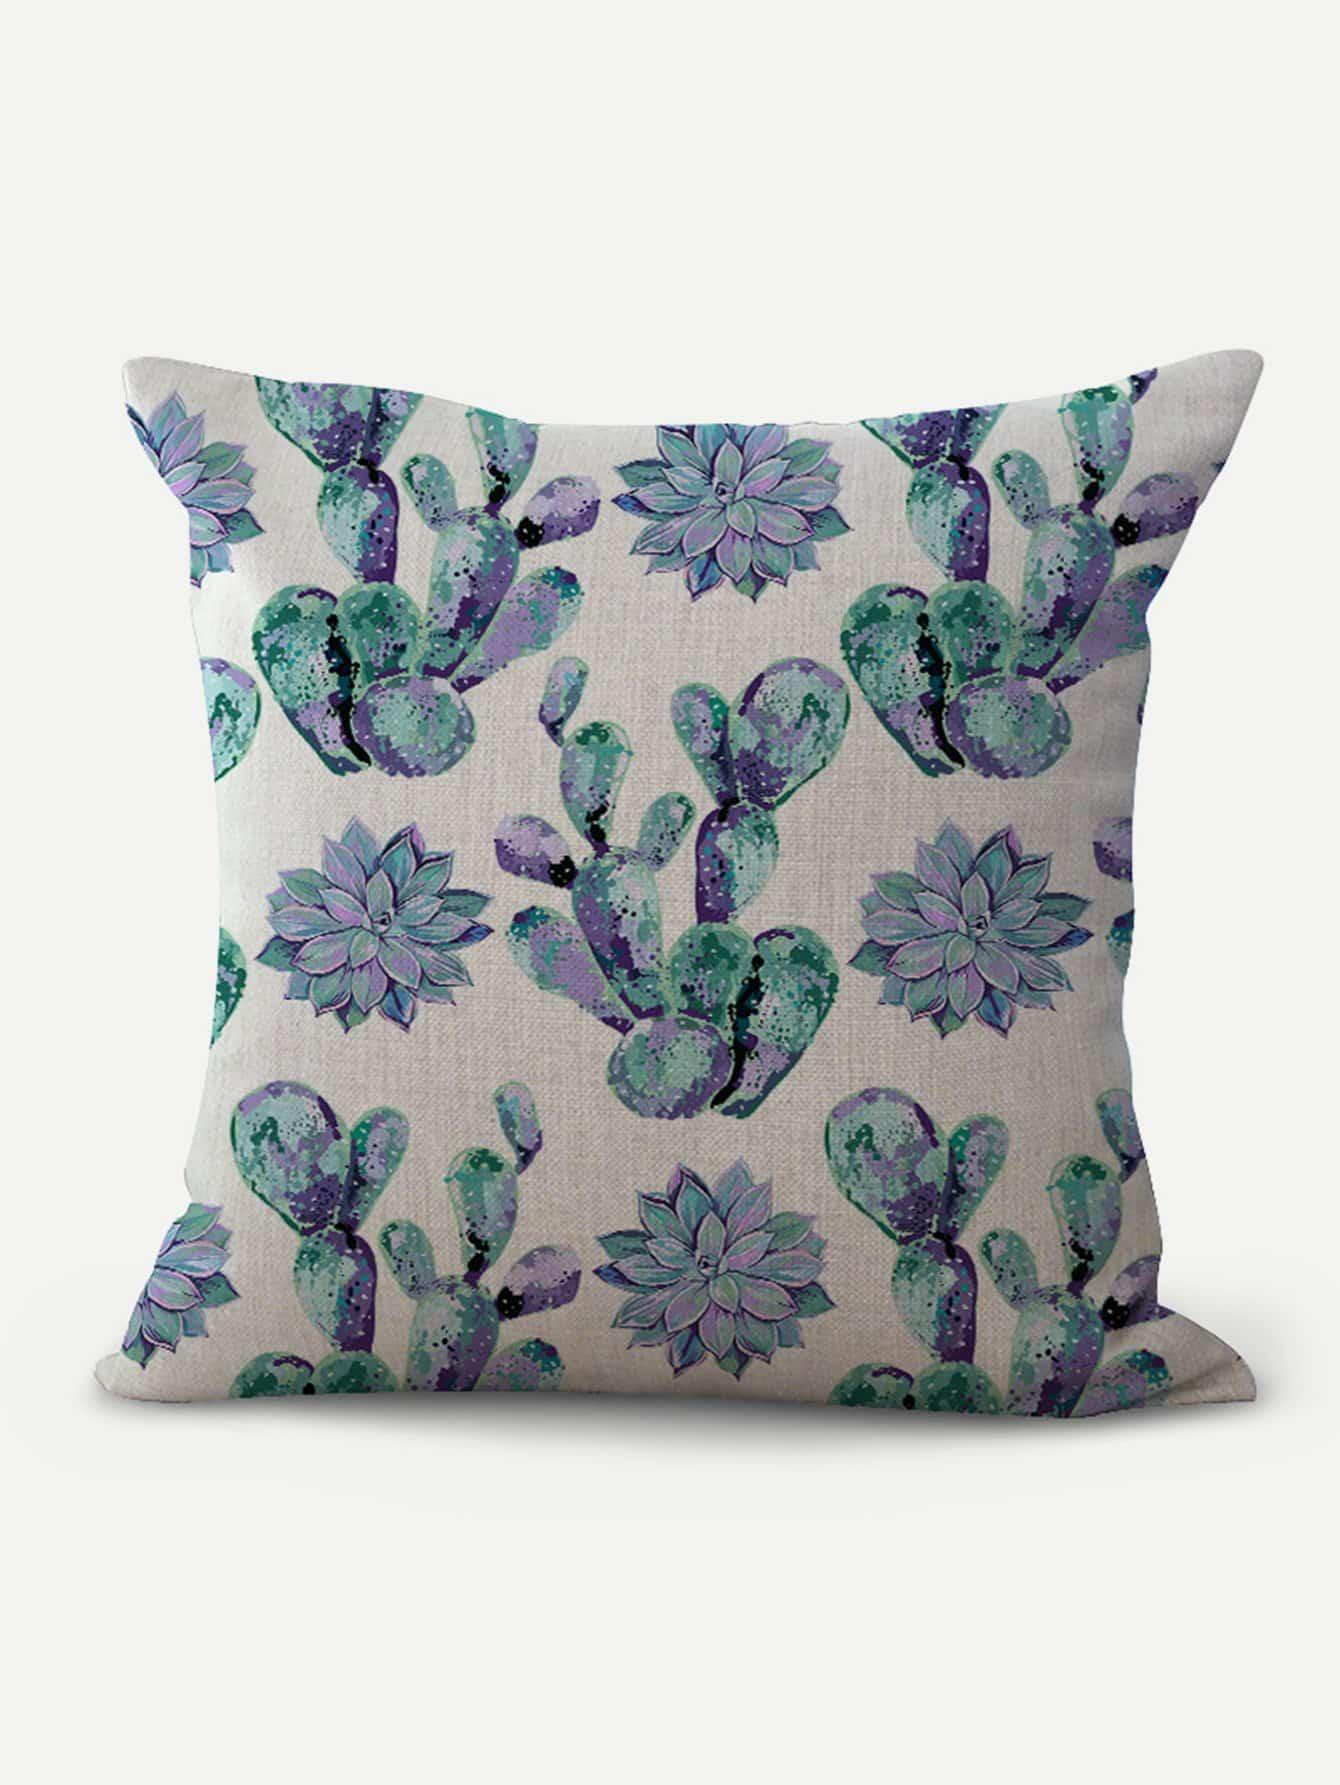 Cactus Print Cushion Cover cartoon animal print cushion cover